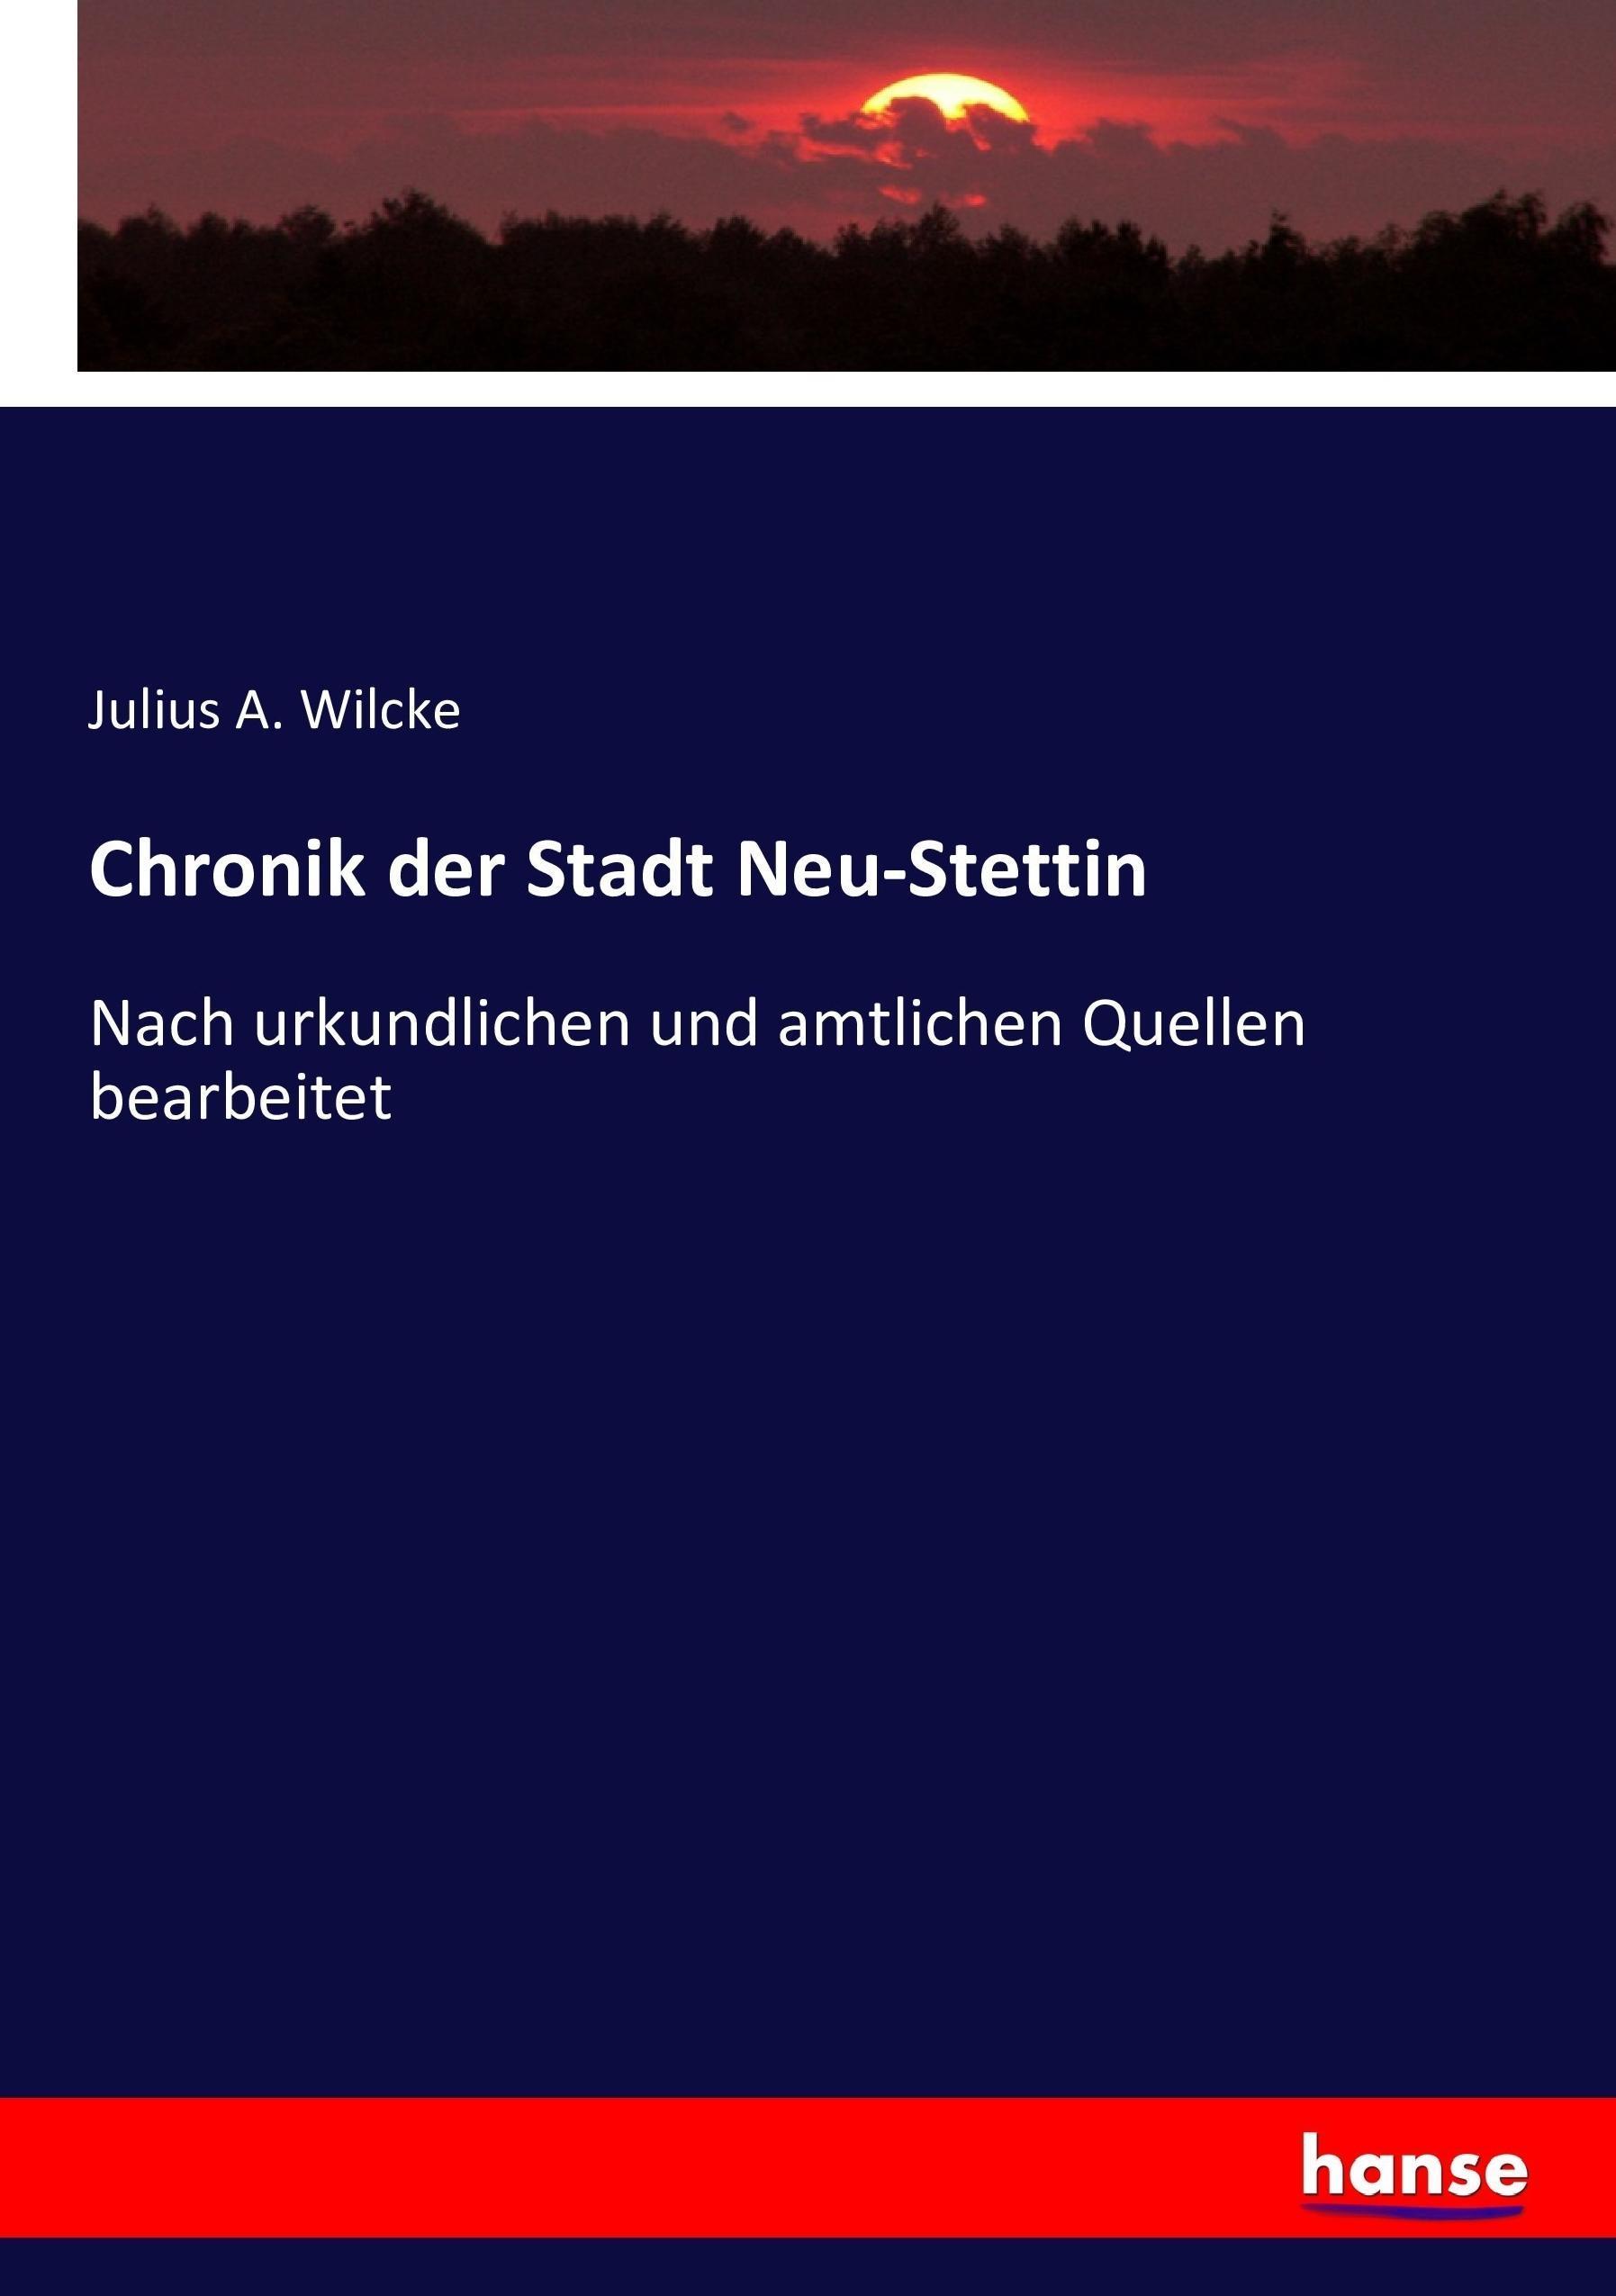 Chronik der Stadt Neu-Stettin | Julius A. Wilcke |  9783742857491